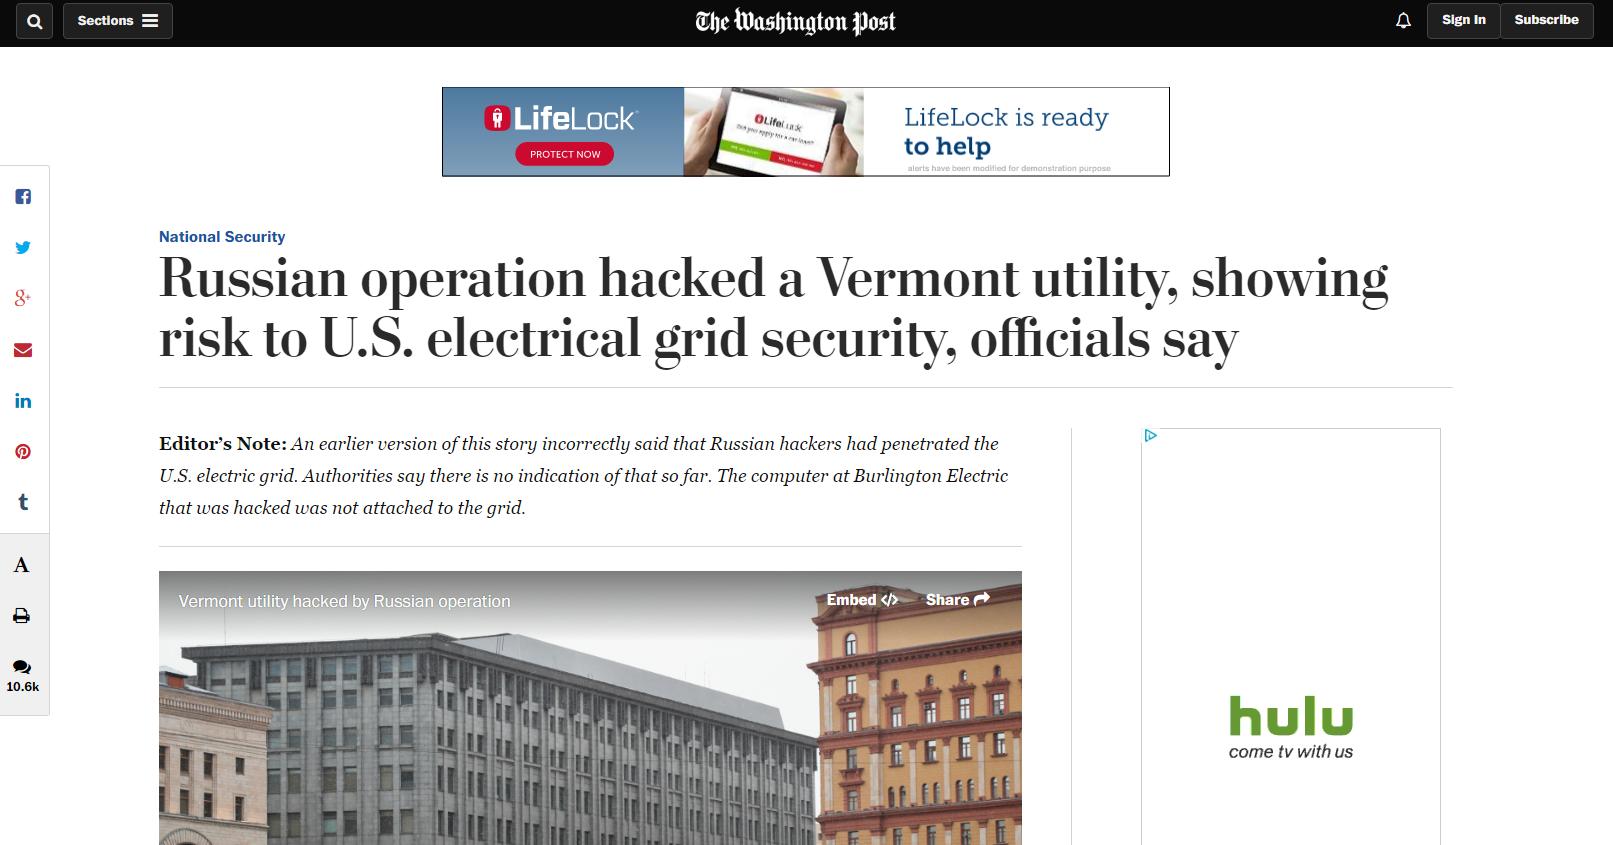 Extracto del artículo con una nota aclaratoria del Editor del Washington Post